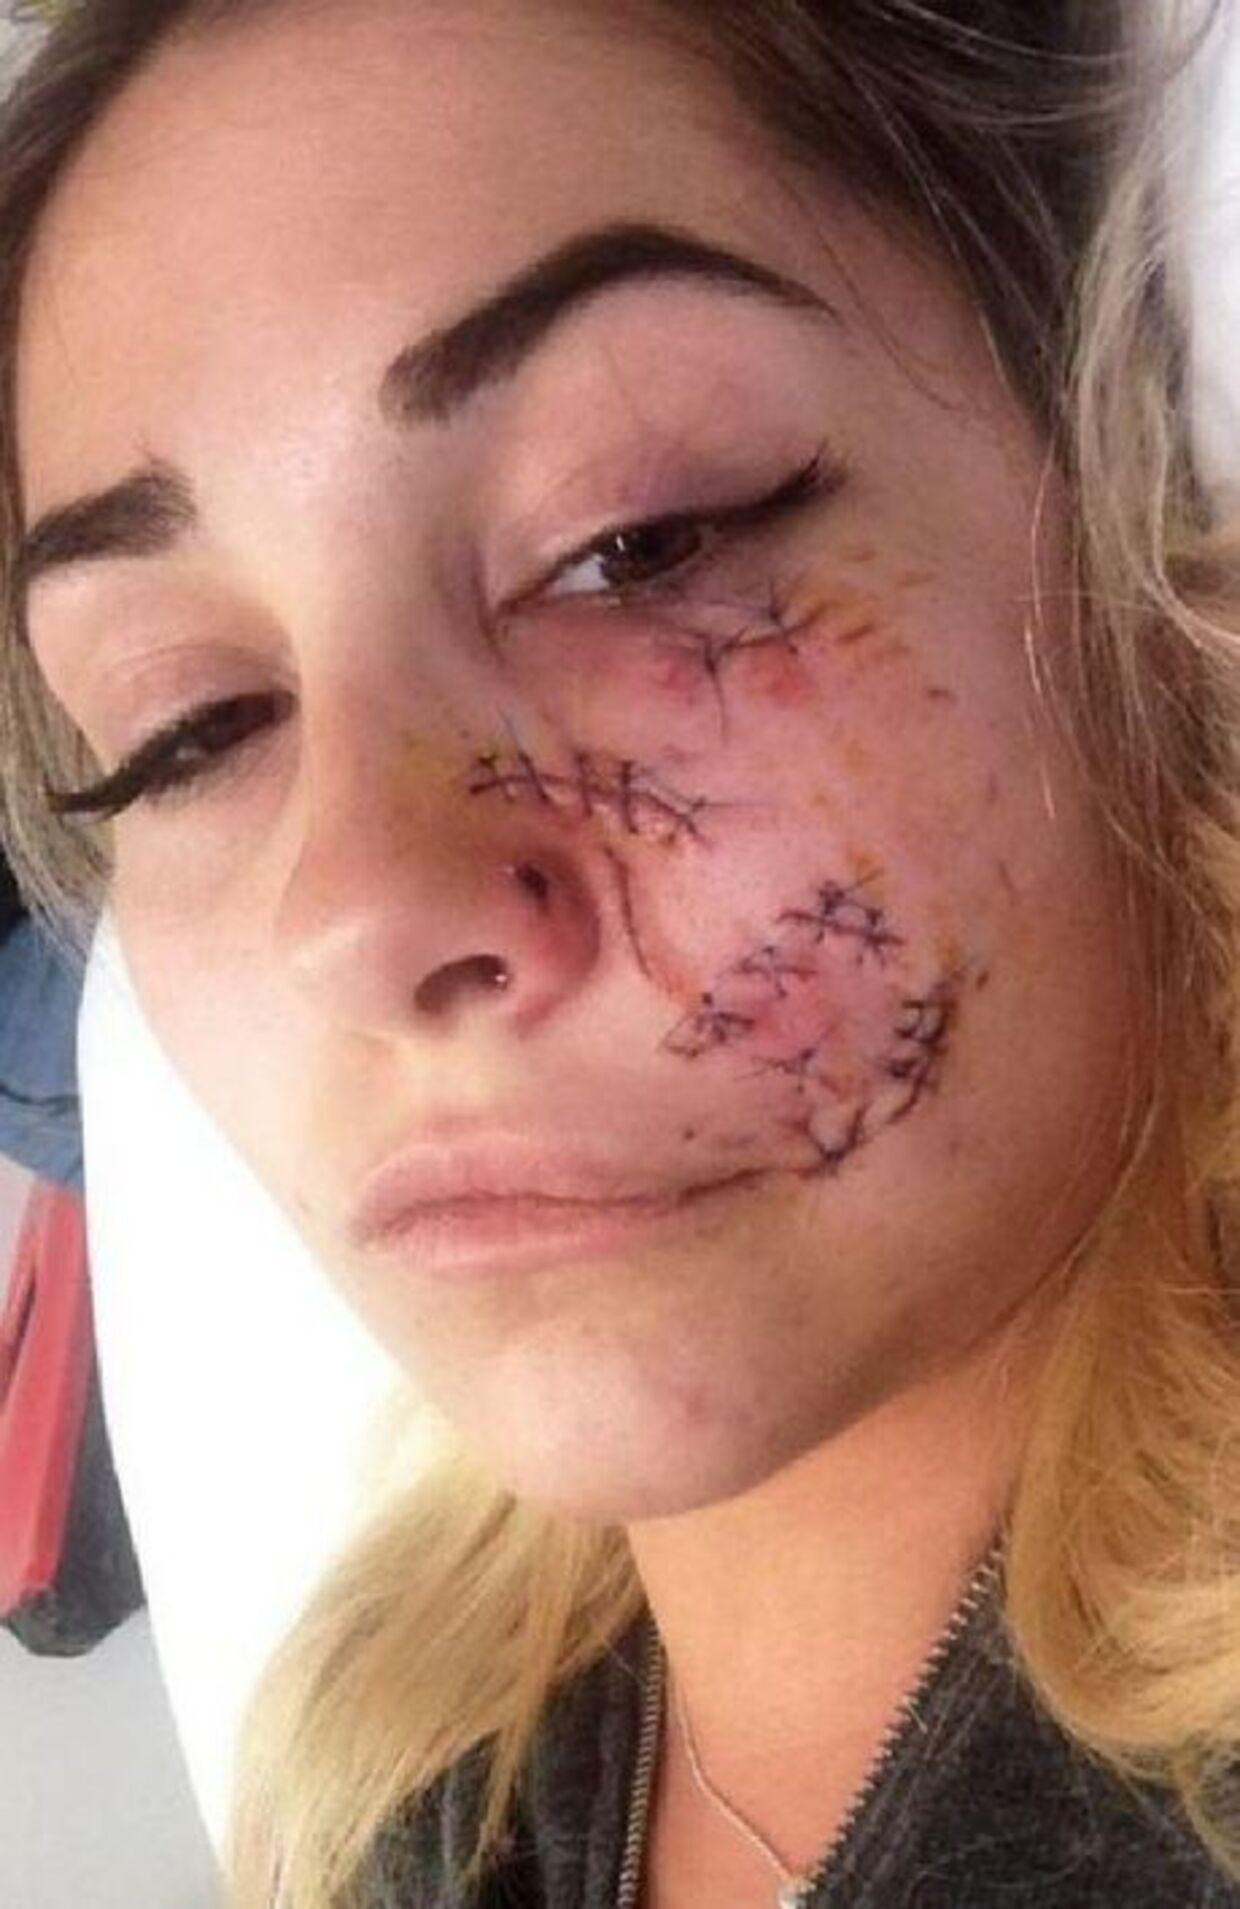 Det så temmeligt voldsomt ud efter hunden gik amok på hendes ansigt.